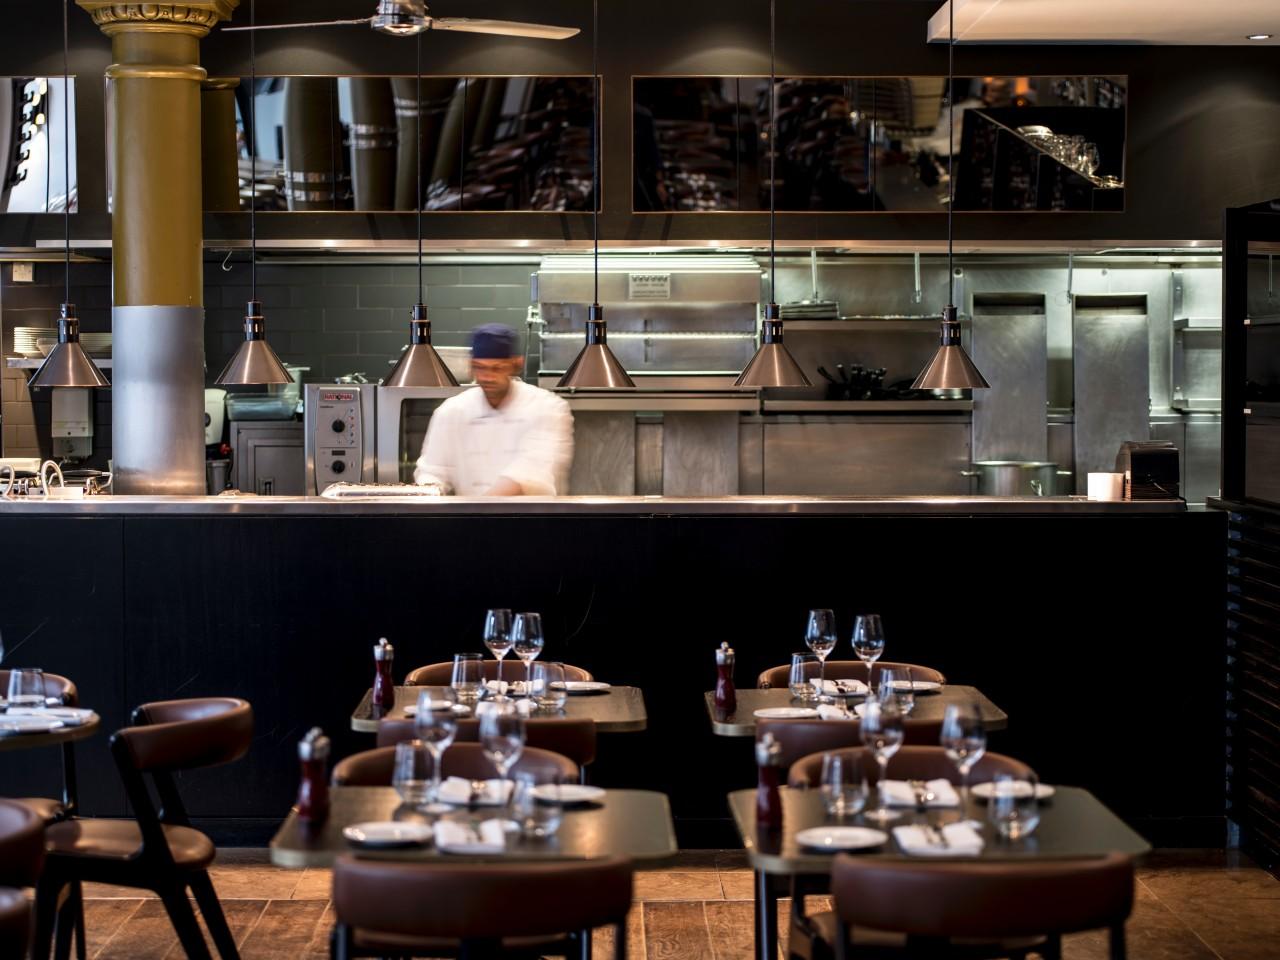 LONGE_P527_Eastway_Brasserie_Open_Kitchen.jpg